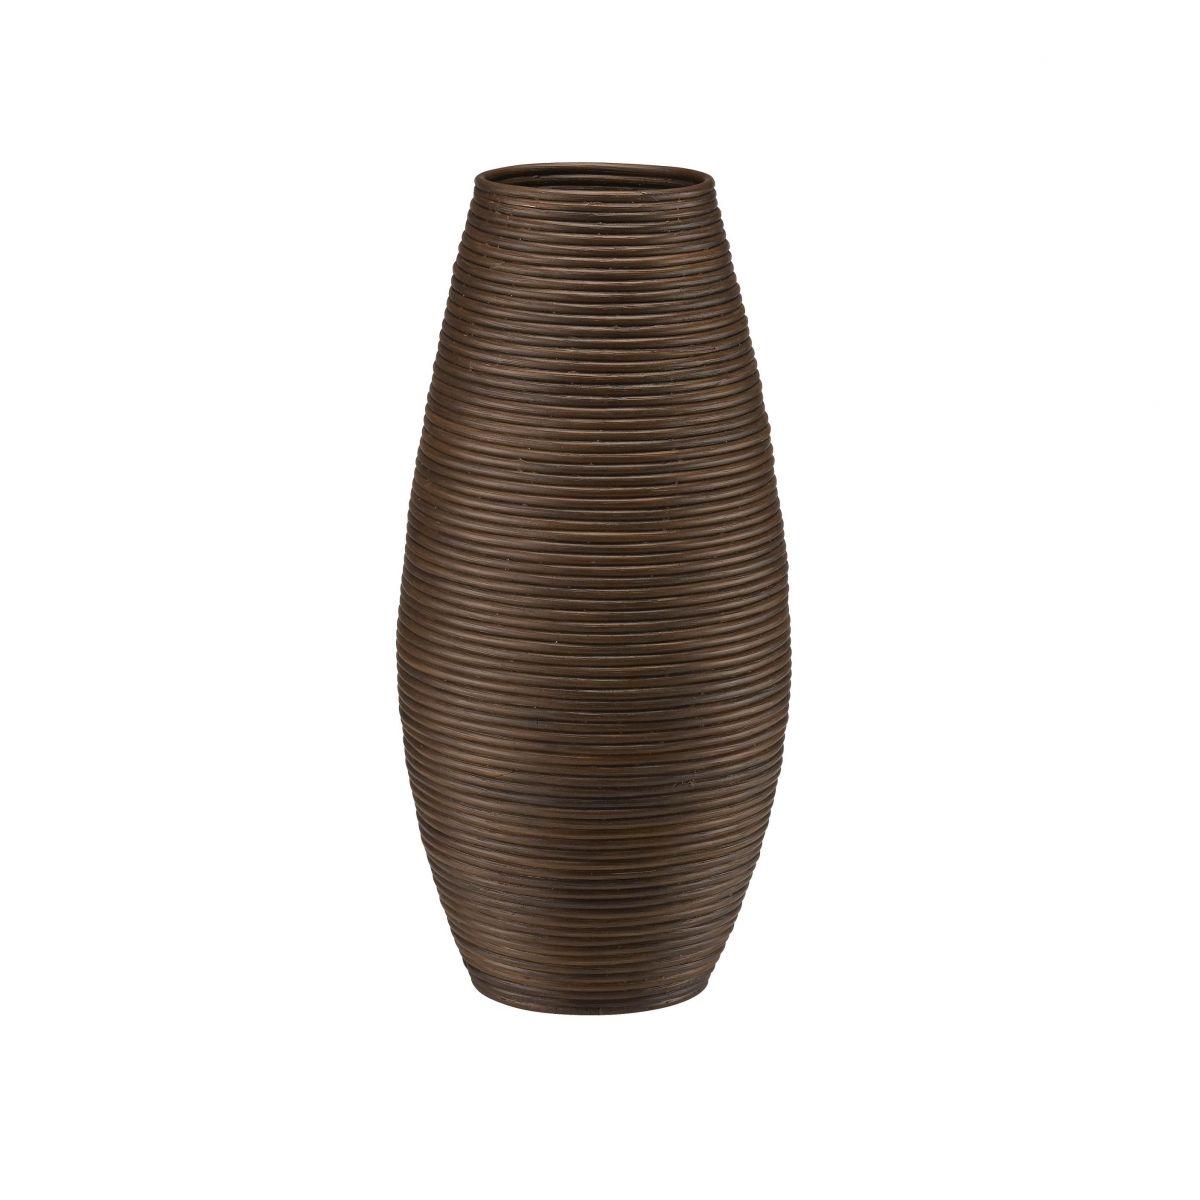 Floor Vase-Umbrella Stand # DK42